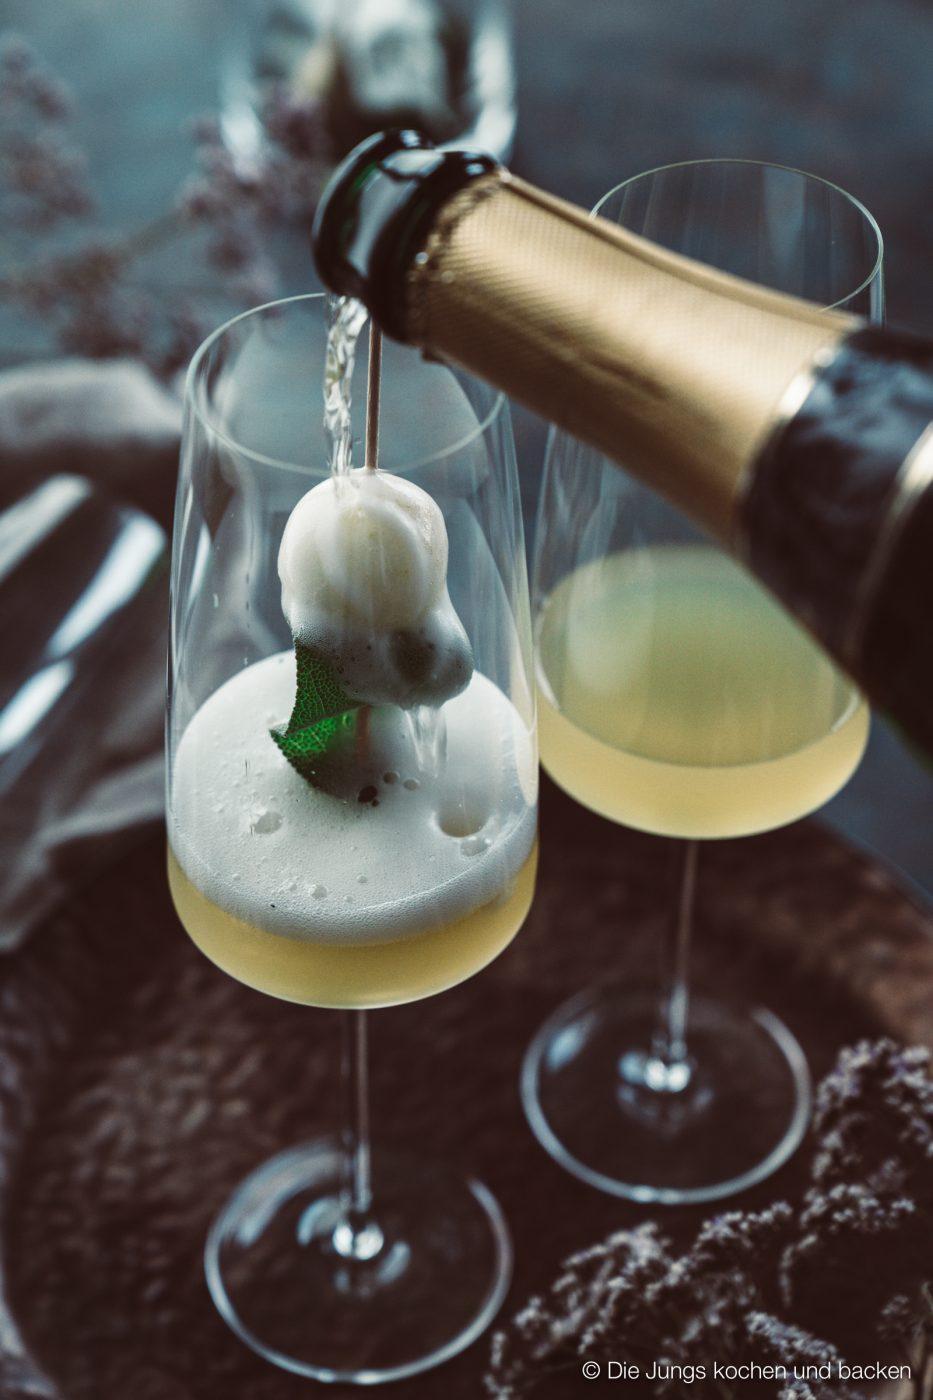 Williams Royale sektcocktail zwiesel 2 | Heute melden wir uns noch ein Mal mit einem letzten Rezeptpost für das Jahr 2019. Und was bietet sich da Schöneres an, als ein toller Drink, den man zwar nicht nur, aber auch zu Silvester servieren kann. Und unser Jahresabschluss Cocktail heißt Williams Royal.